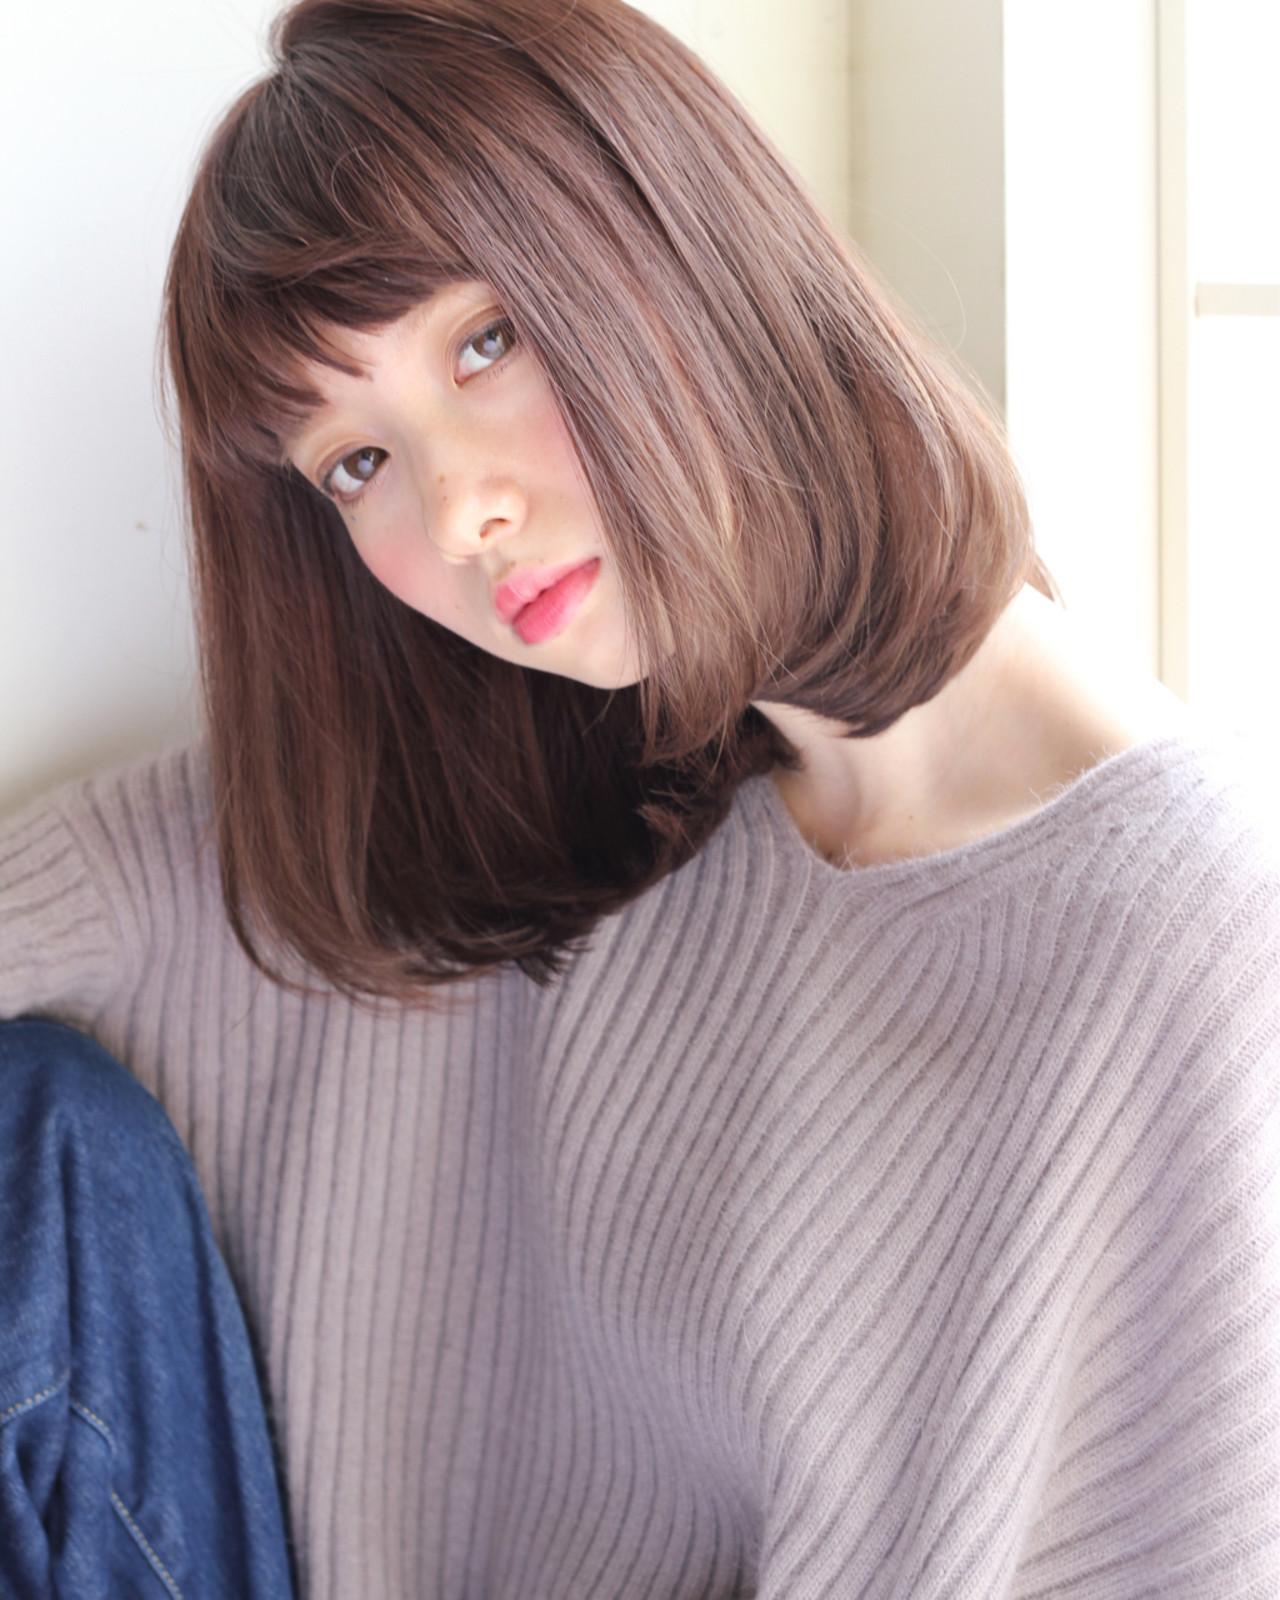 【髪型に迷う女子必見!】流行りの髪型でおしゃれ女子に変身♡の28枚目の画像